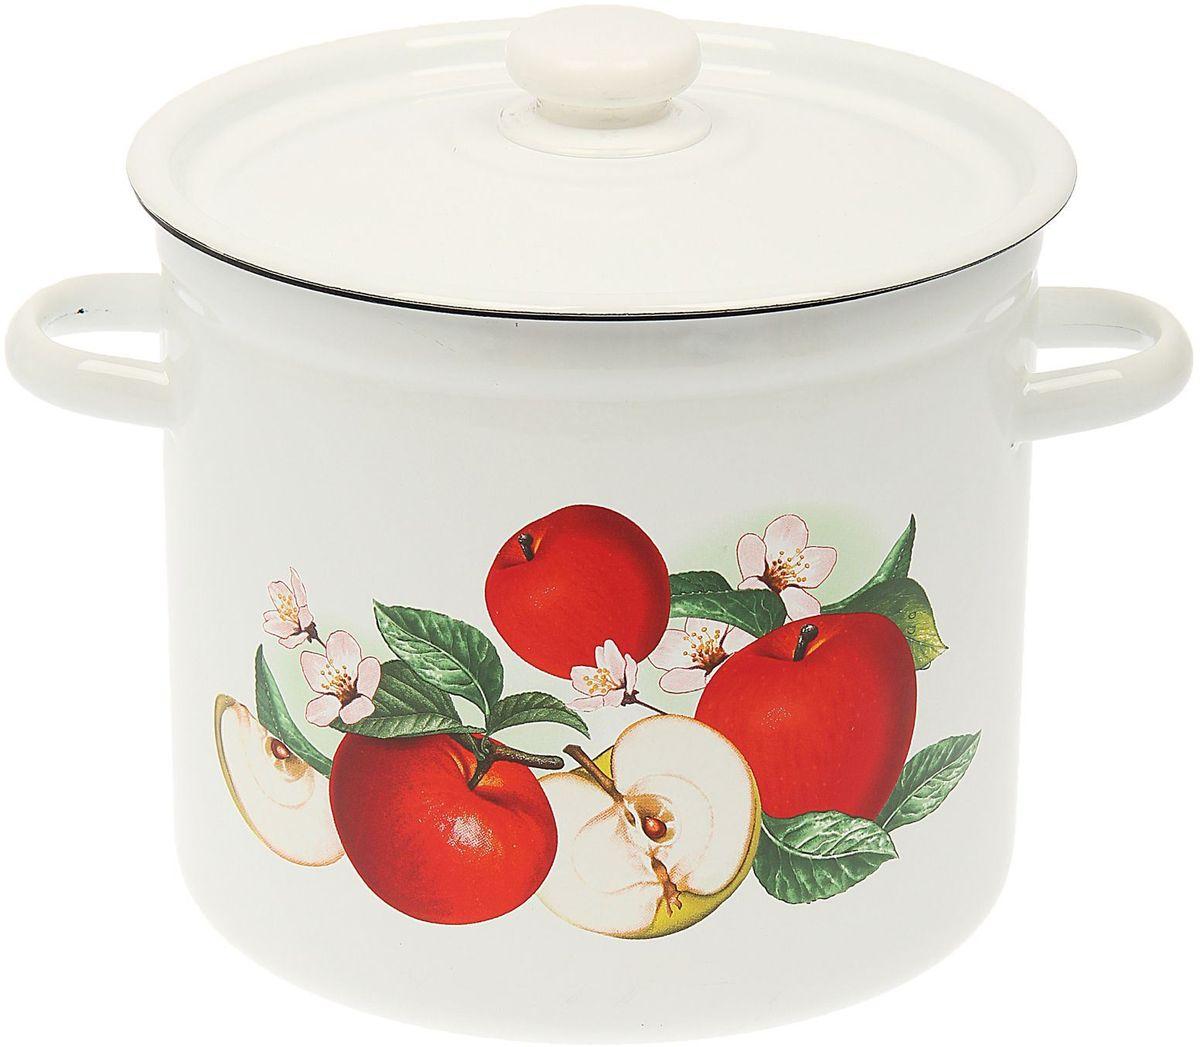 Кастрюля Epos Ароматный, 7 л1444490Эмалированная кастрюля пригодится вам для быстрого приготовления разных типов блюд. Такая посуда подходит для домашнего и профессионального использования.Кастрюля цилиндрическая — помощь на кухне на долгие годы.Достоинства:посуда быстро и равномерно нагревается;корпус стоек к ржавчине;изделие легко отмывается в посудомоечной машине.Благодаря приятным цветам кастрюля удачно впишется в любой дизайн интерьера. Наилучшее качество покрытия достигается за счёт того, что посуда проходит обжиг при температуре до 800 градусов.Чтобы предмет сохранял наилучшие эксплуатационные свойства, соблюдайте правила ухода:избегайте ударов и падений;не пользуйтесь высокоабразивными чистящими средствами;не допускайте резких перепадов температуры.Посуда подходит для долговременного хранения пищи.